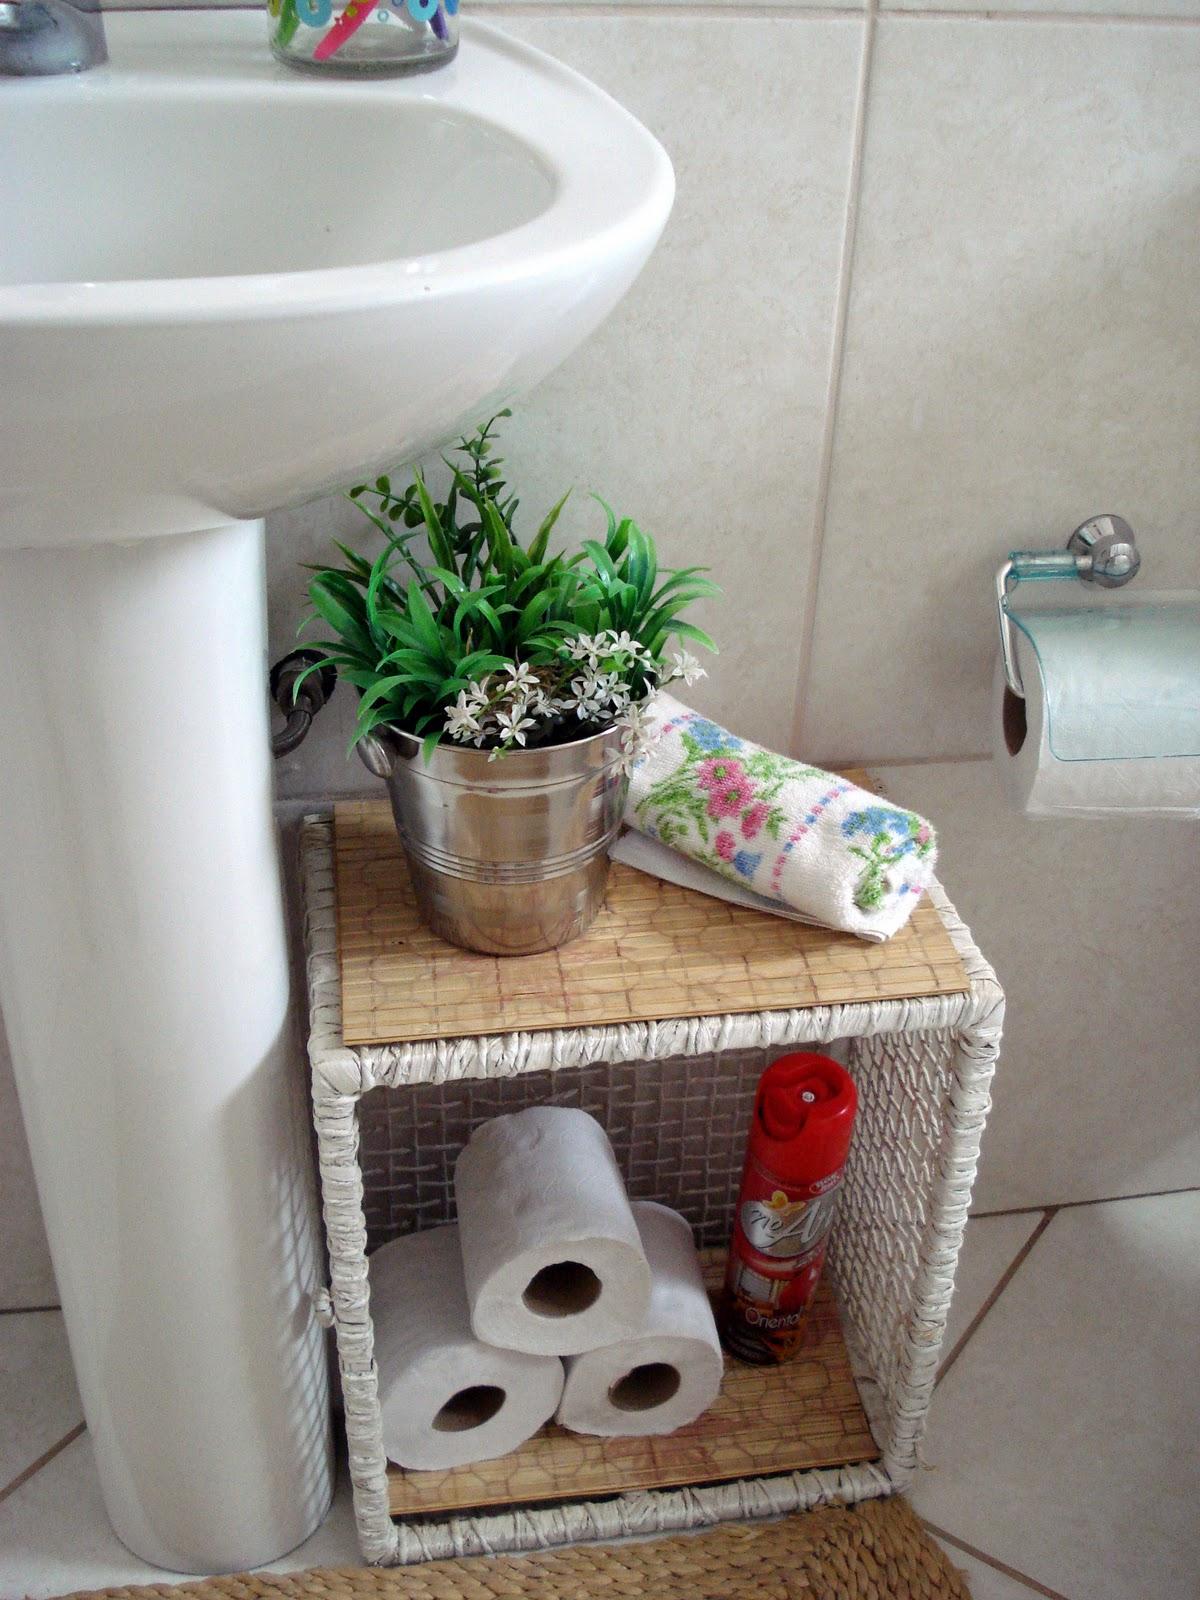 Atraiu meu olhar: Organizando o banheiro #366D34 1200 1600